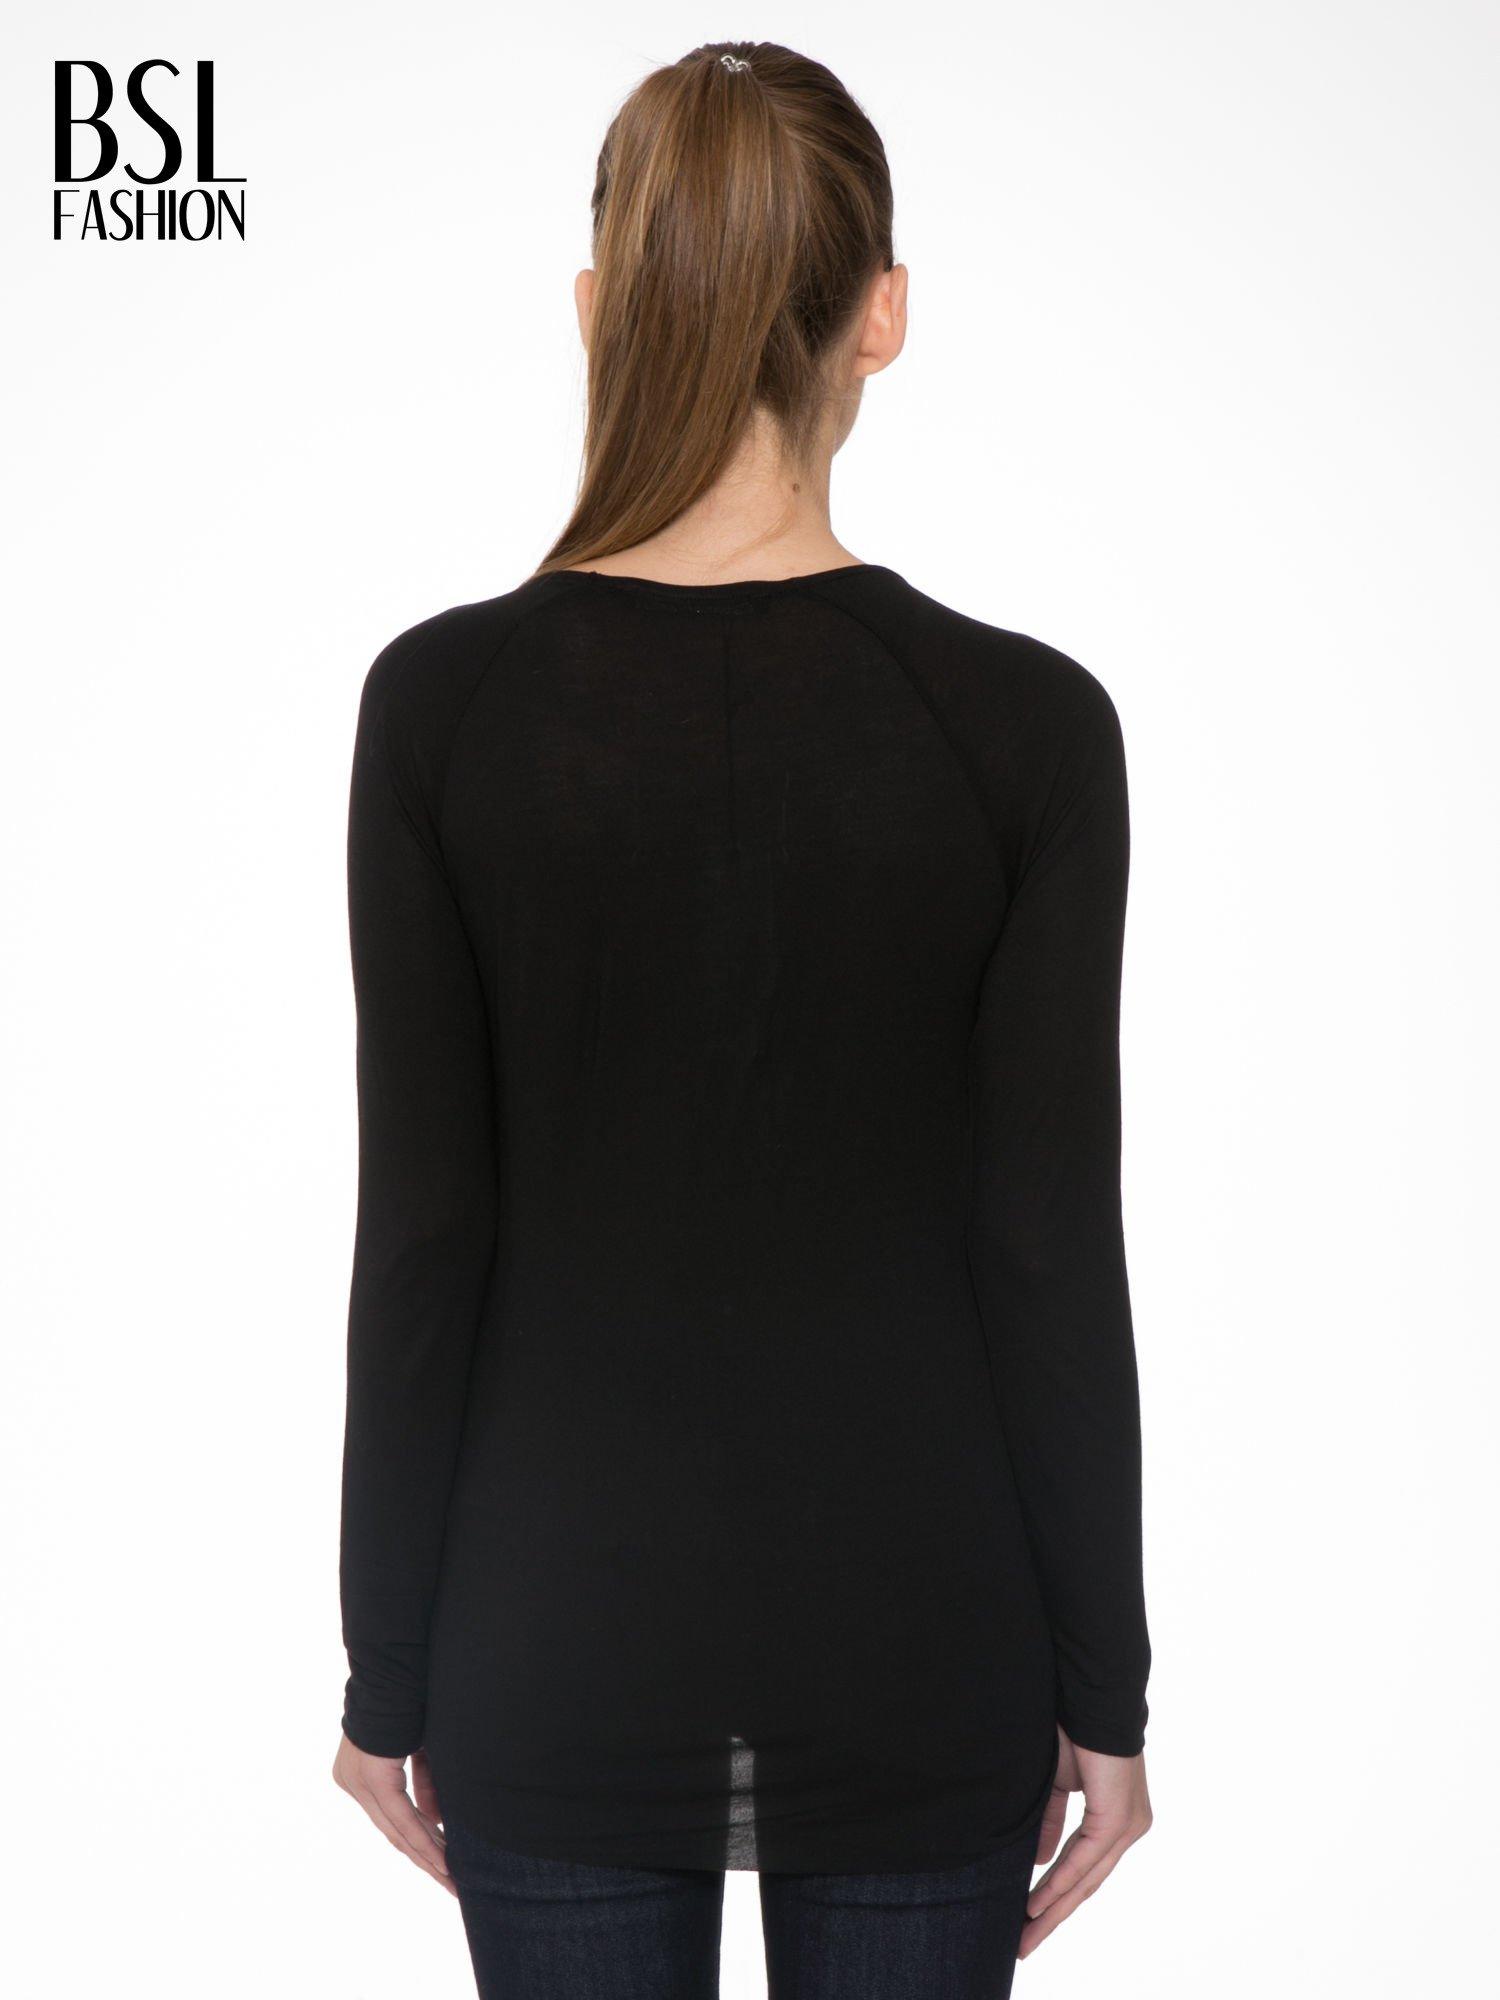 Czarna bluzka z przodem z ekoskóry                                  zdj.                                  4